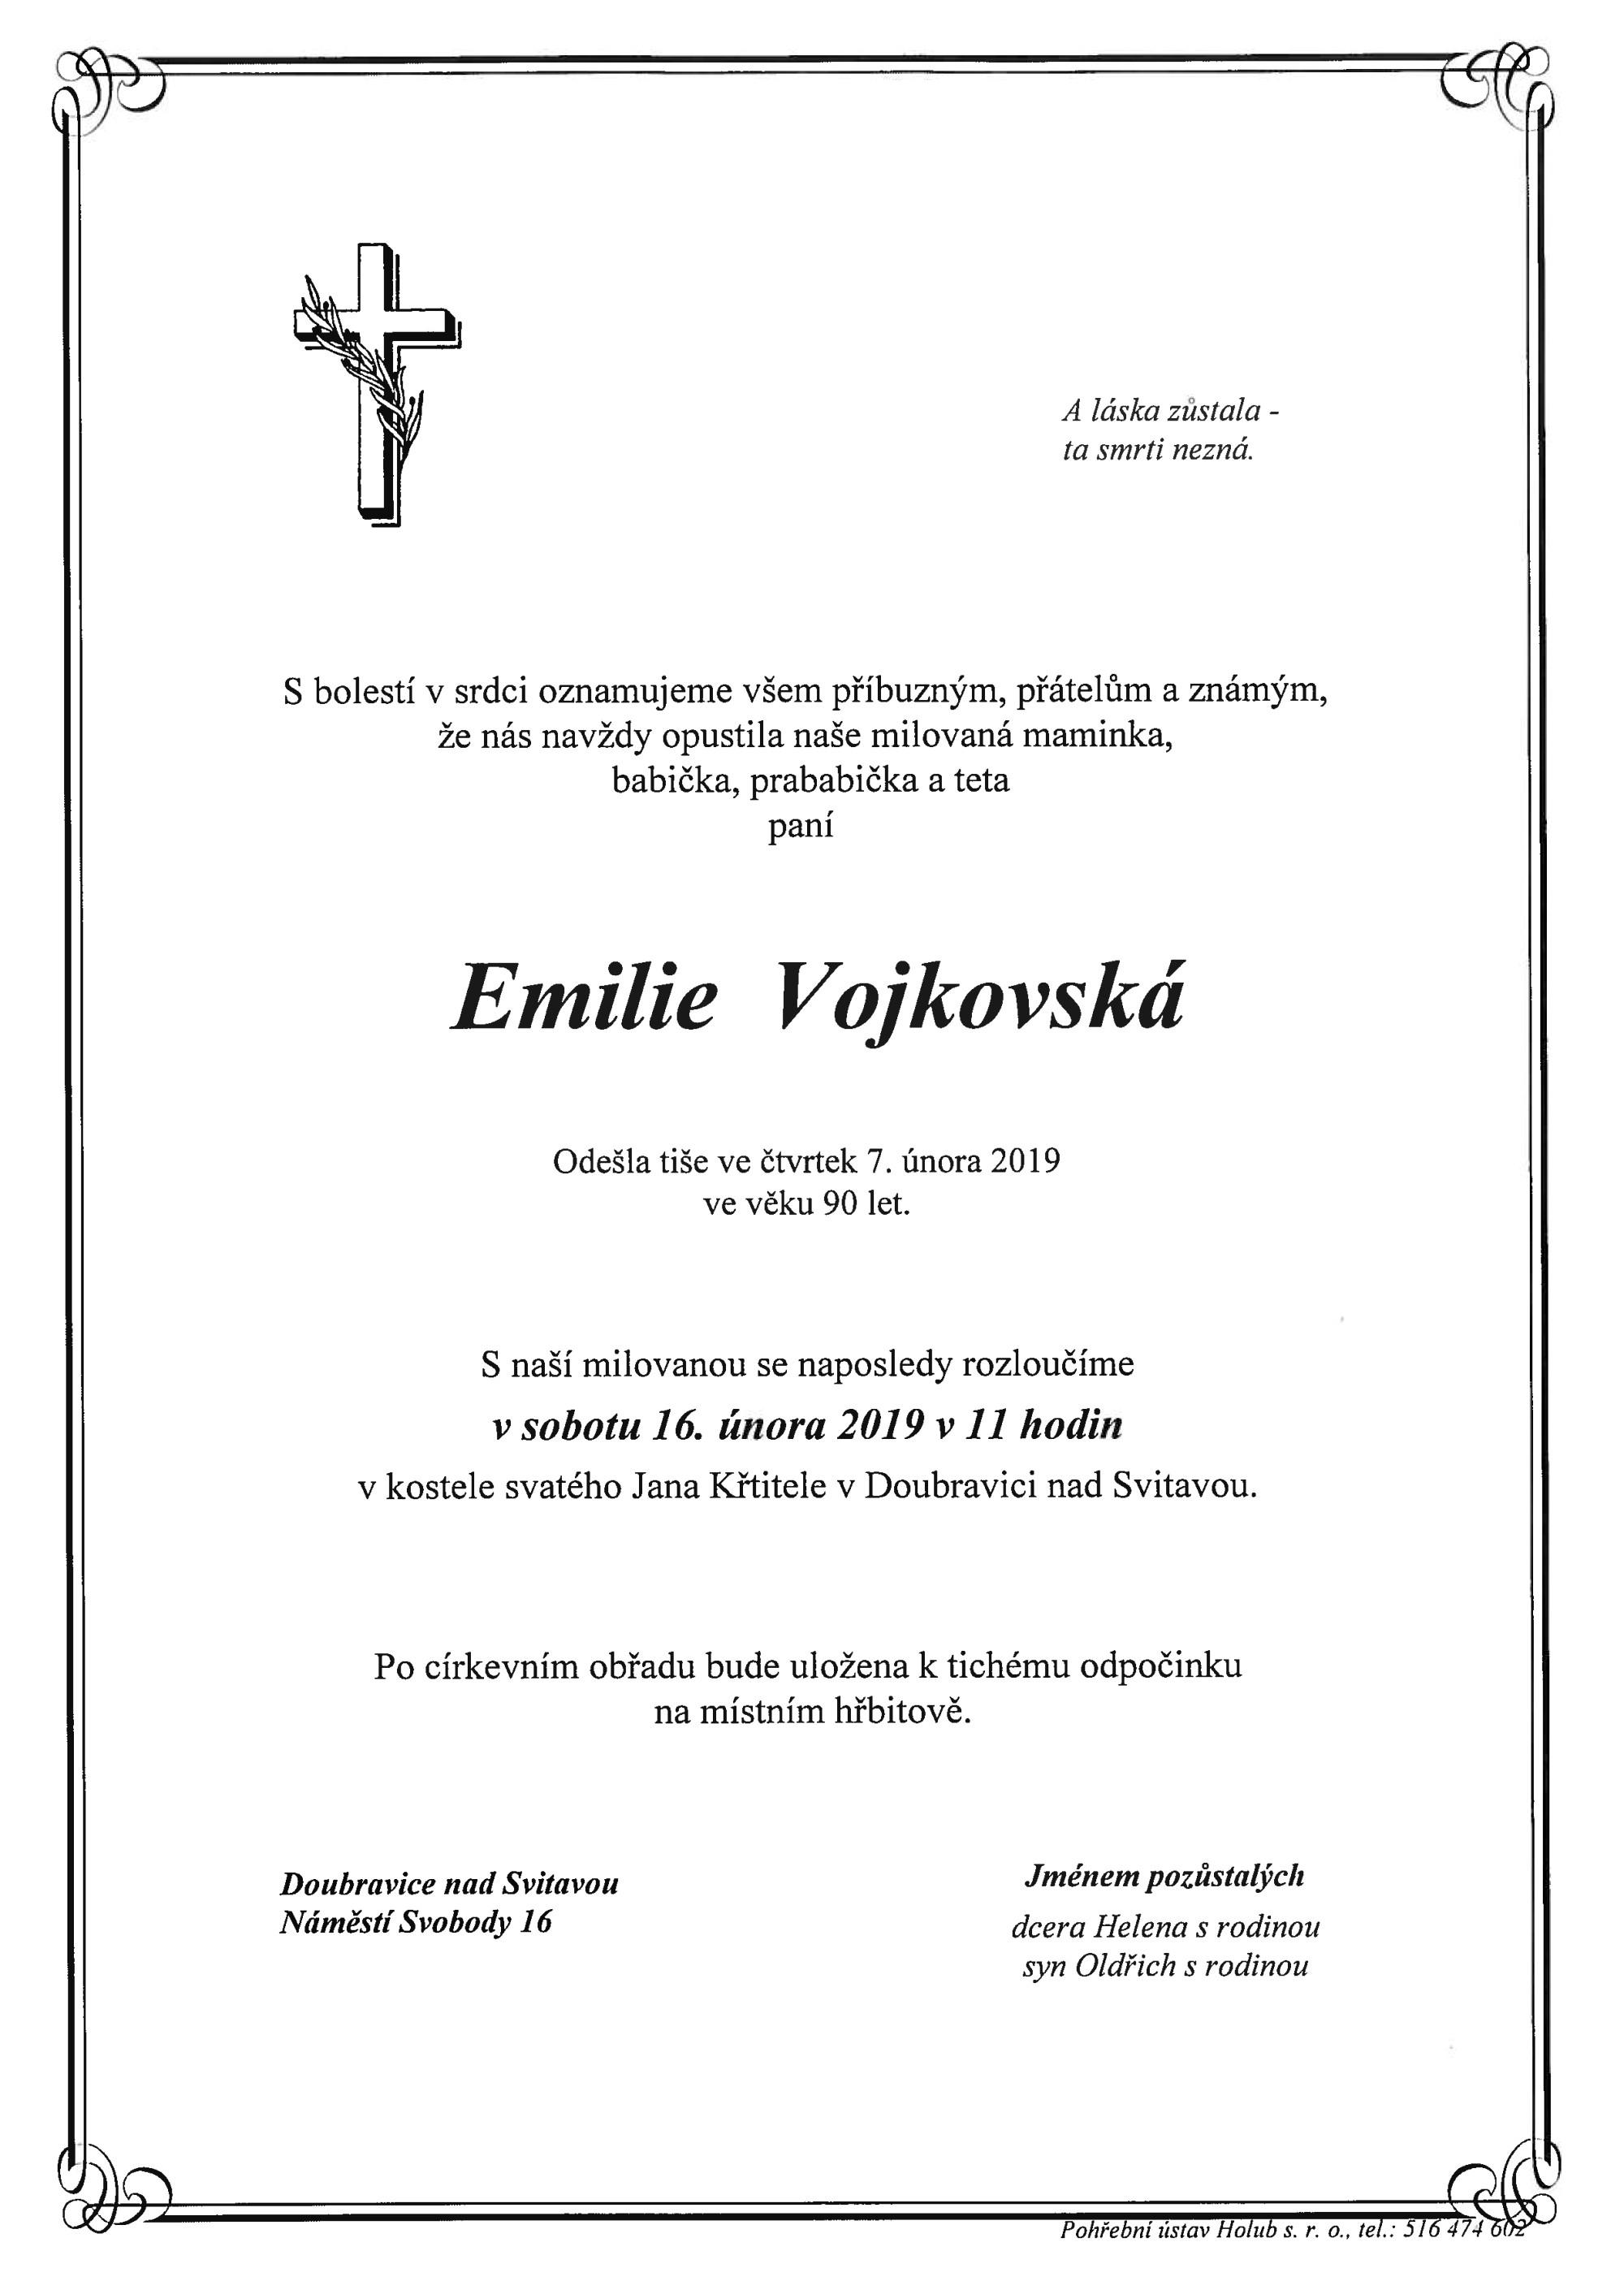 Emilie Vojkovská